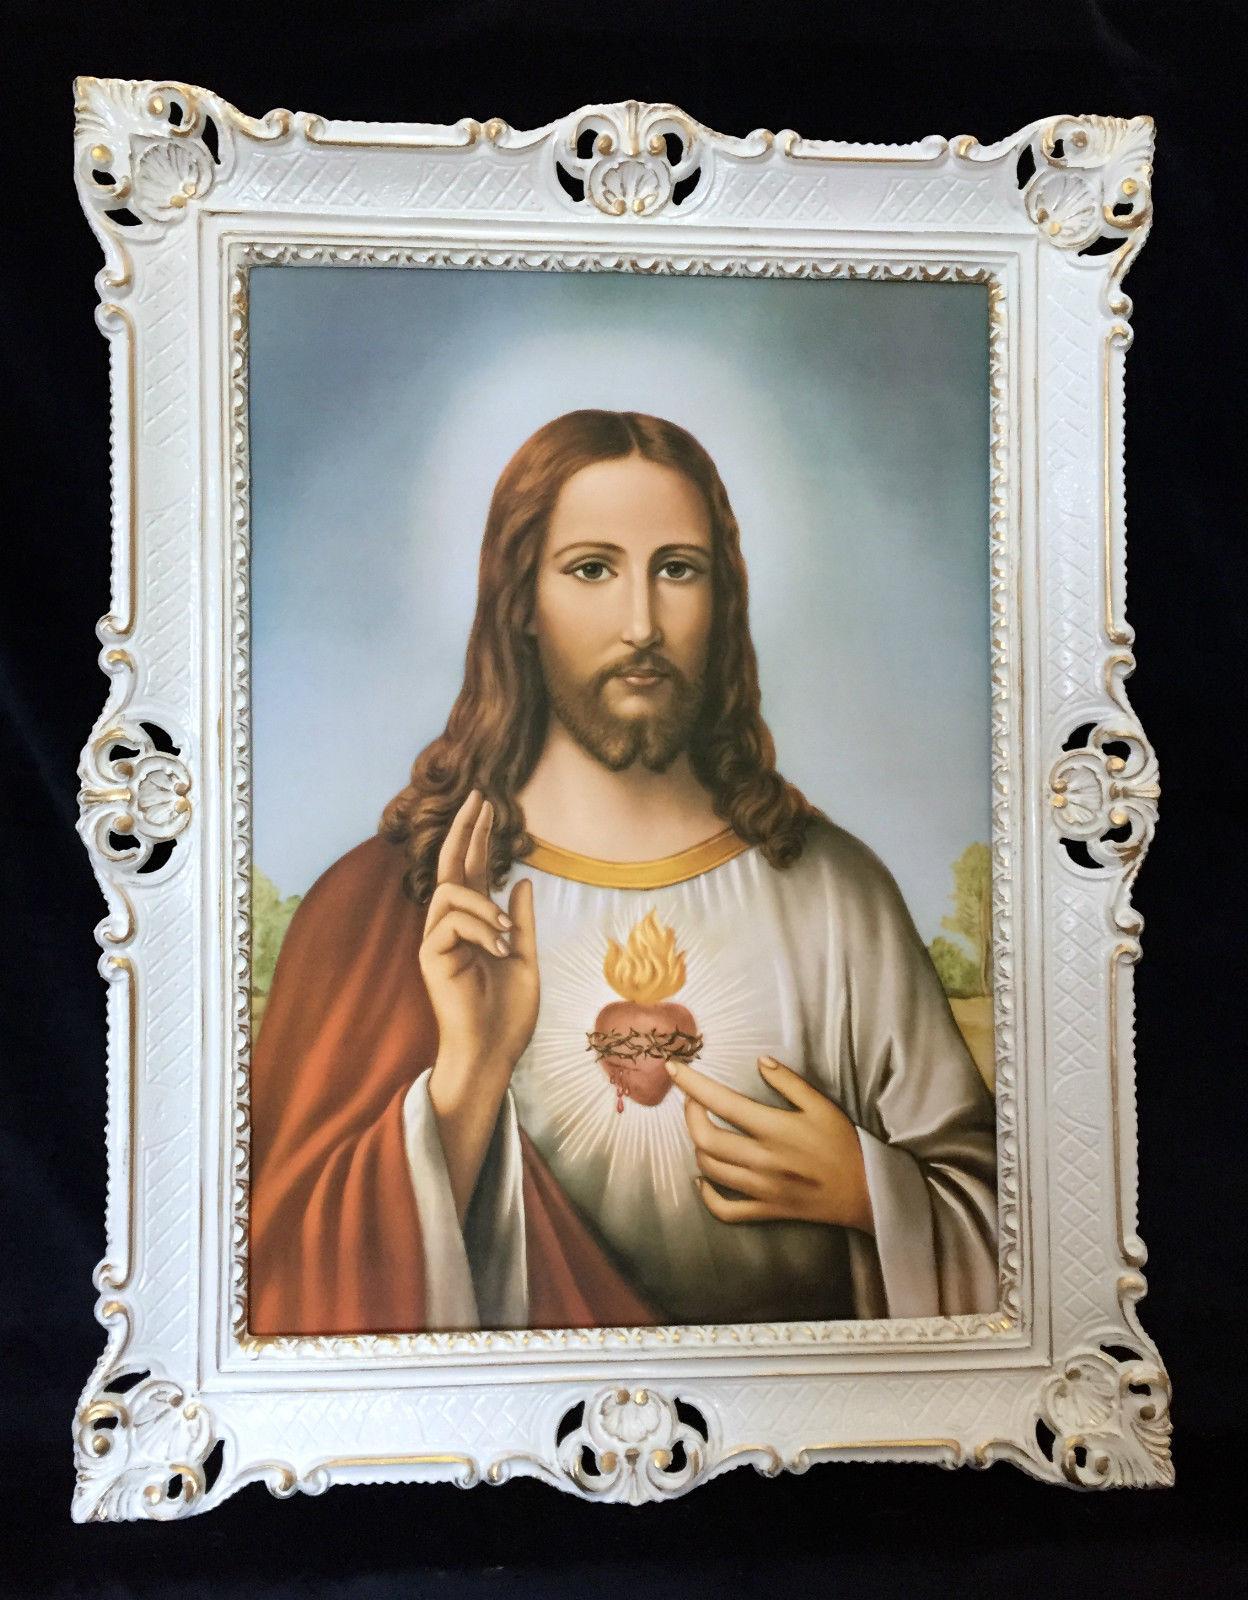 Jesus Christus Gemälde Christliche Heiligen Jesus Bild mit Rahmen ...